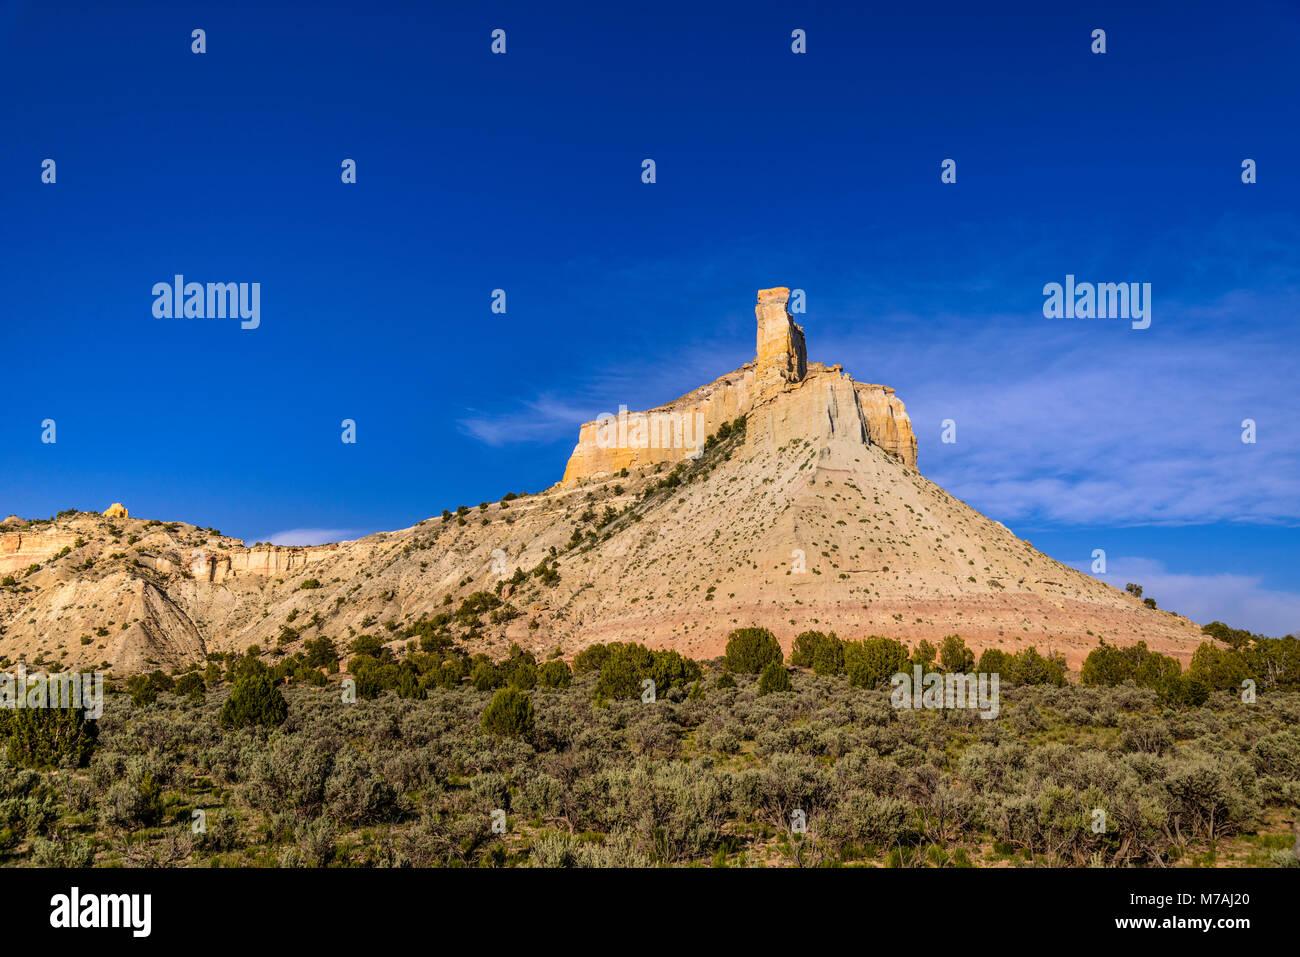 Los Estados Unidos, Utah, Garfield County, Bryce Valley, Henrieville, promesa rock Foto de stock